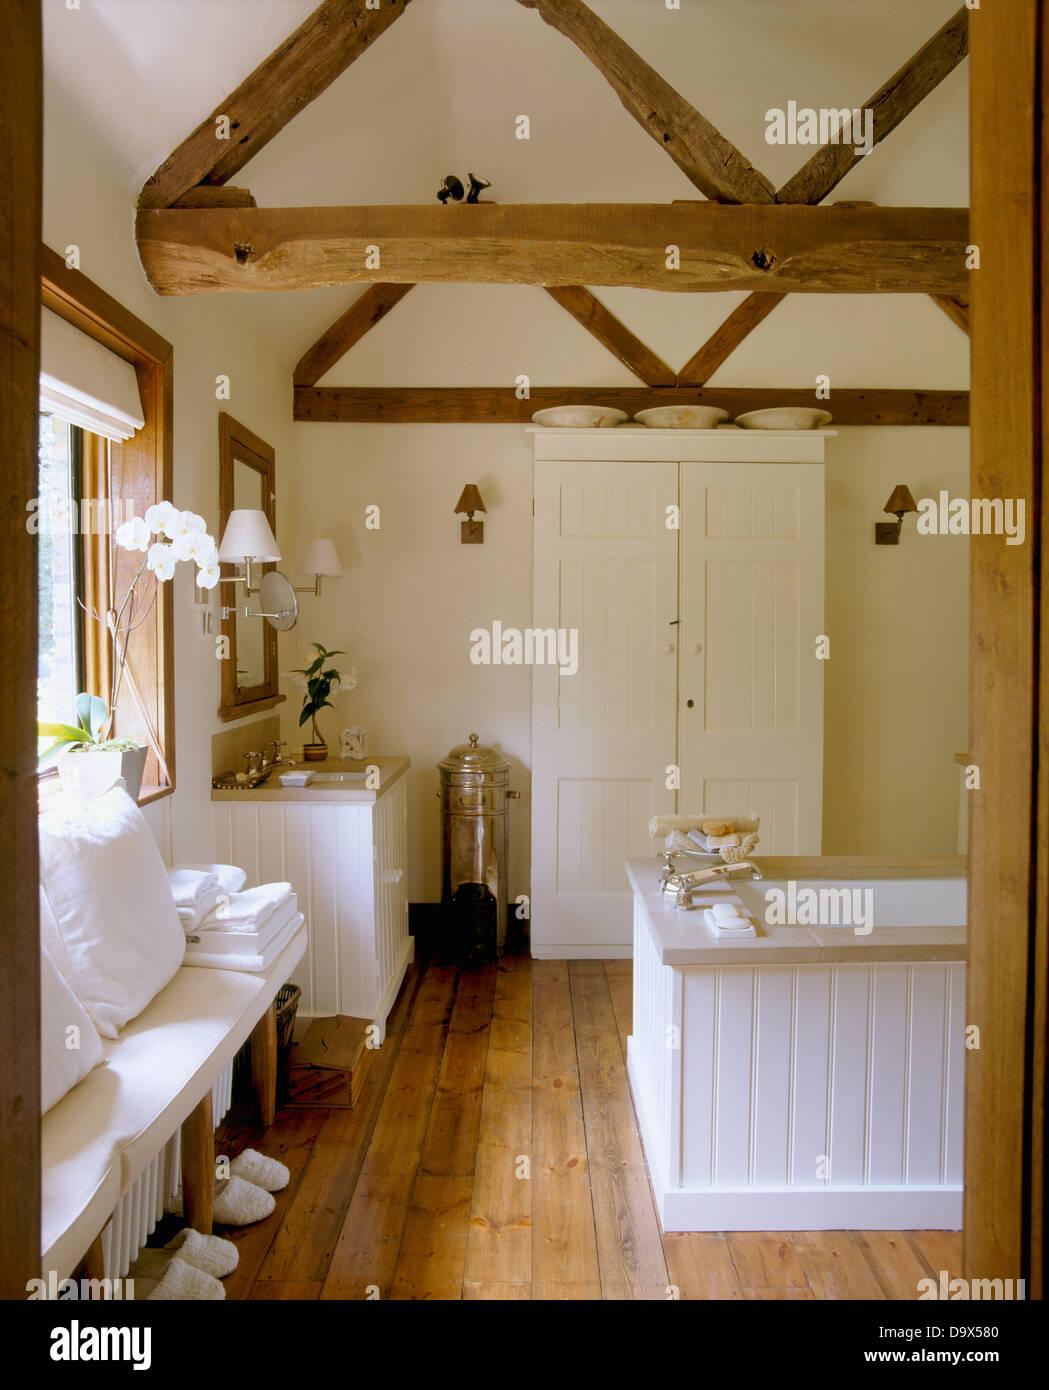 Holzbalken Apex Decke und Holzboden im Land Badezimmer mit weiß ...